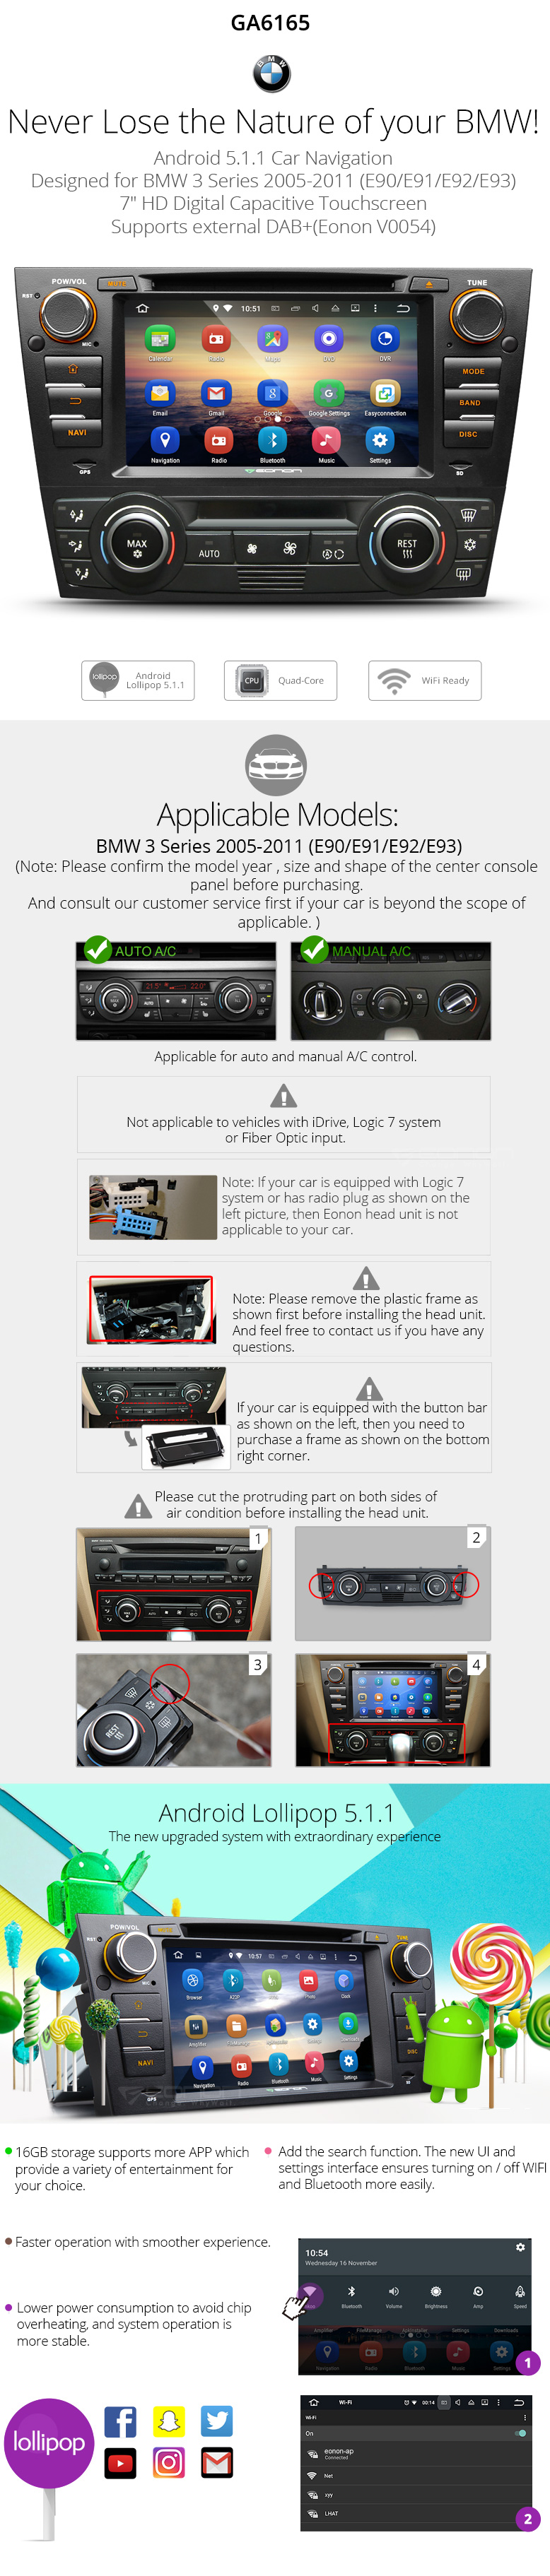 Eonon Ga6165 Bmw Android 51 Car Dvd E90 E91 E92 E93 Double Din Wire Diagram Gps Navigationandroid Playerandroid